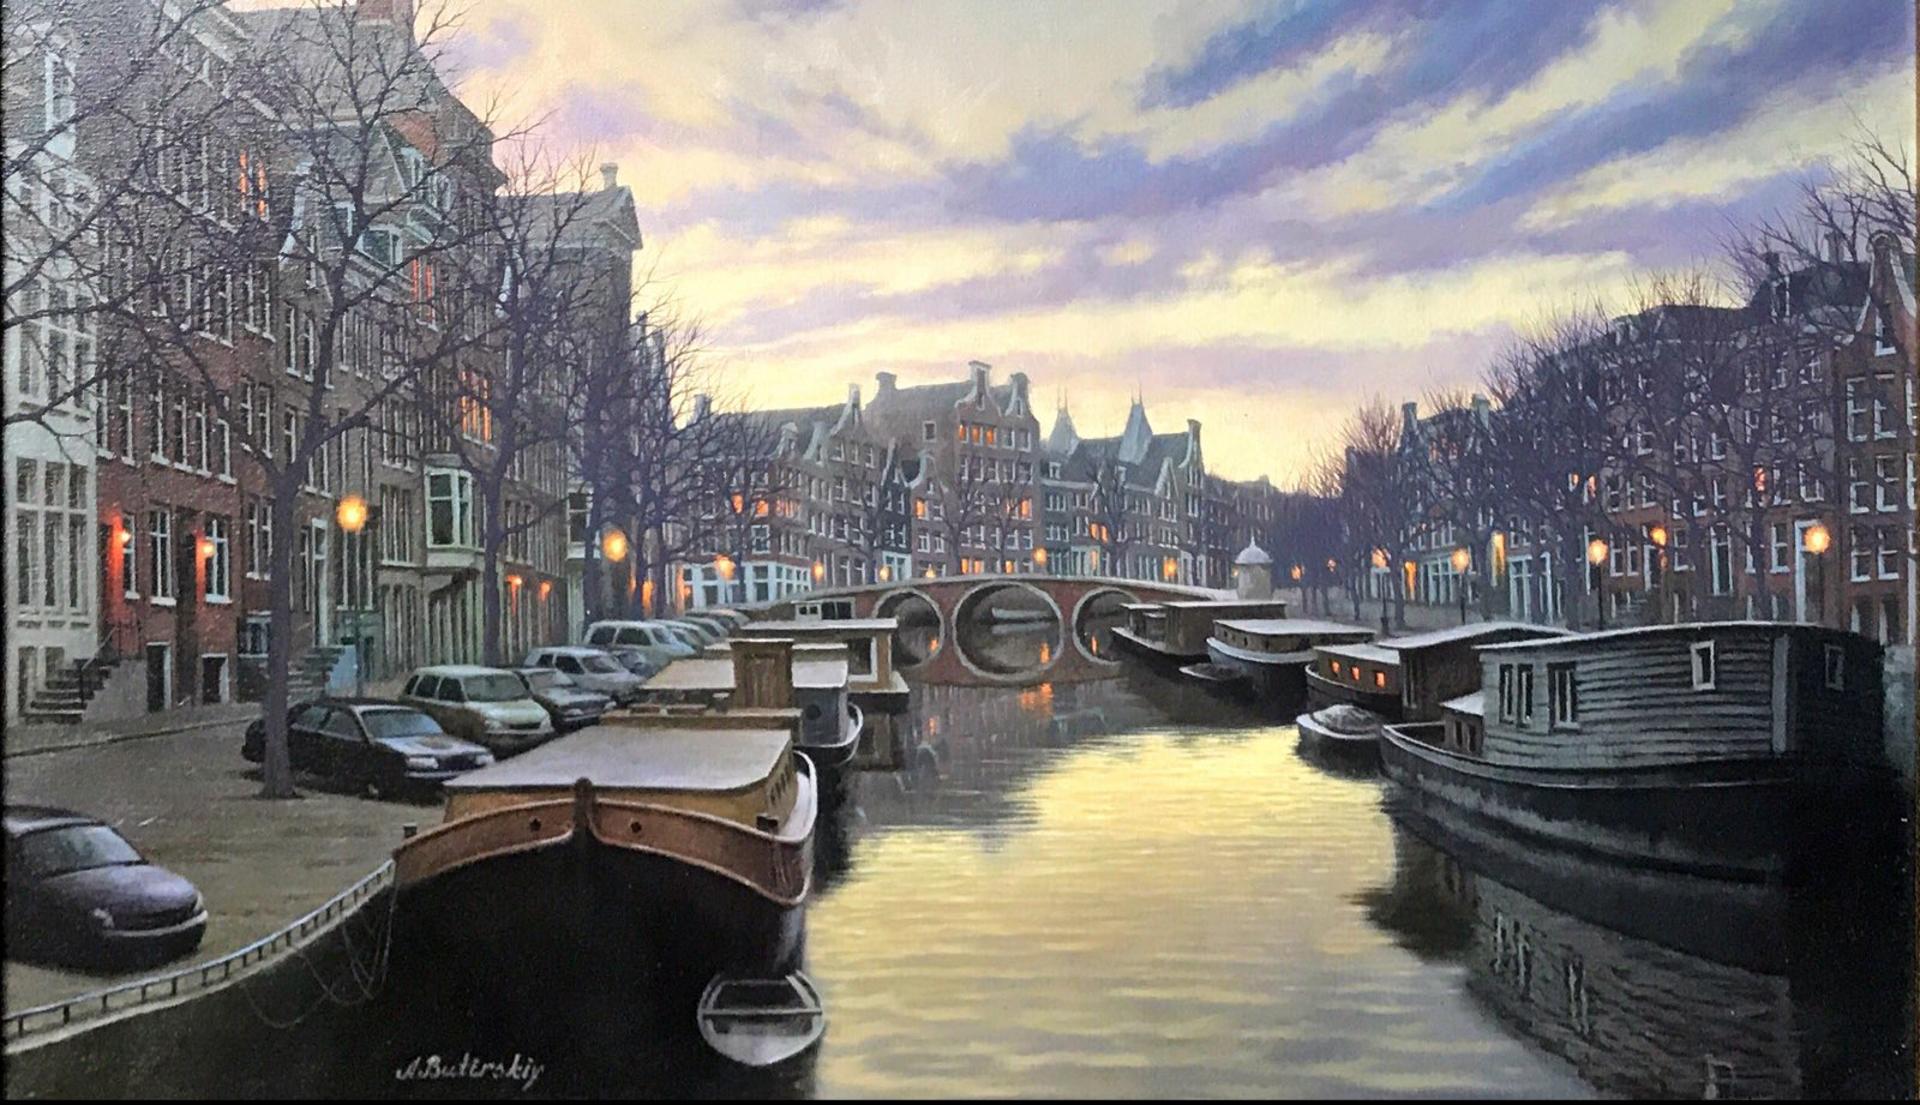 Twilight In Amsterdam by Alexei Butirskiy